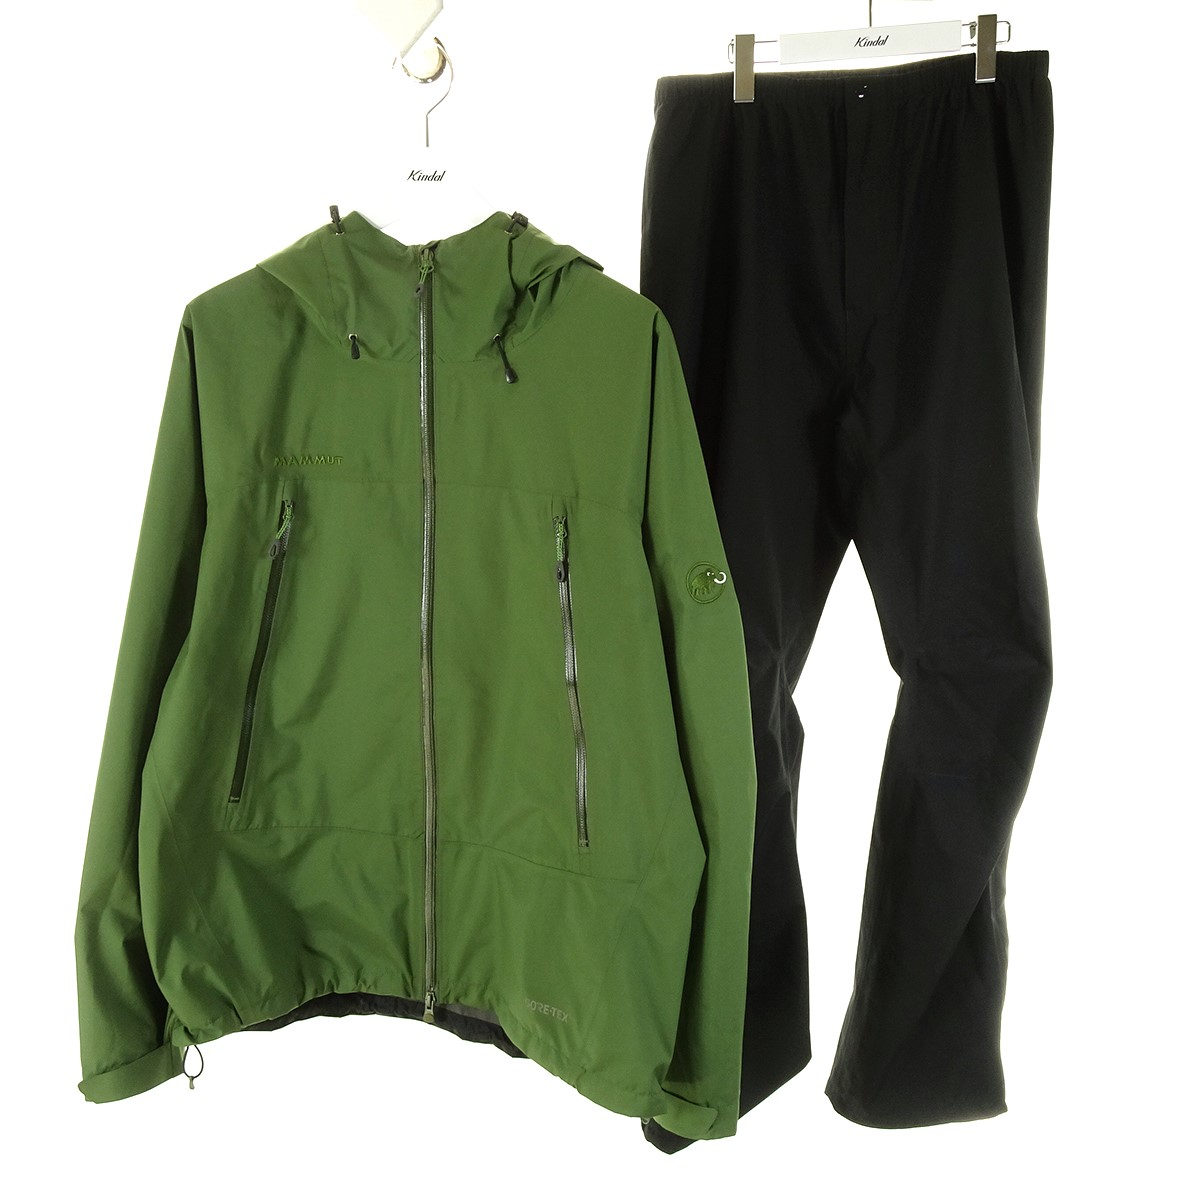 マムート 商品追加値下げ在庫復活 中古 予約販売品 MAMMUTCLIMATE Rain-Suit レインスーツ オリーブ×ブラック サイズ:XL XL 1月25日見直し